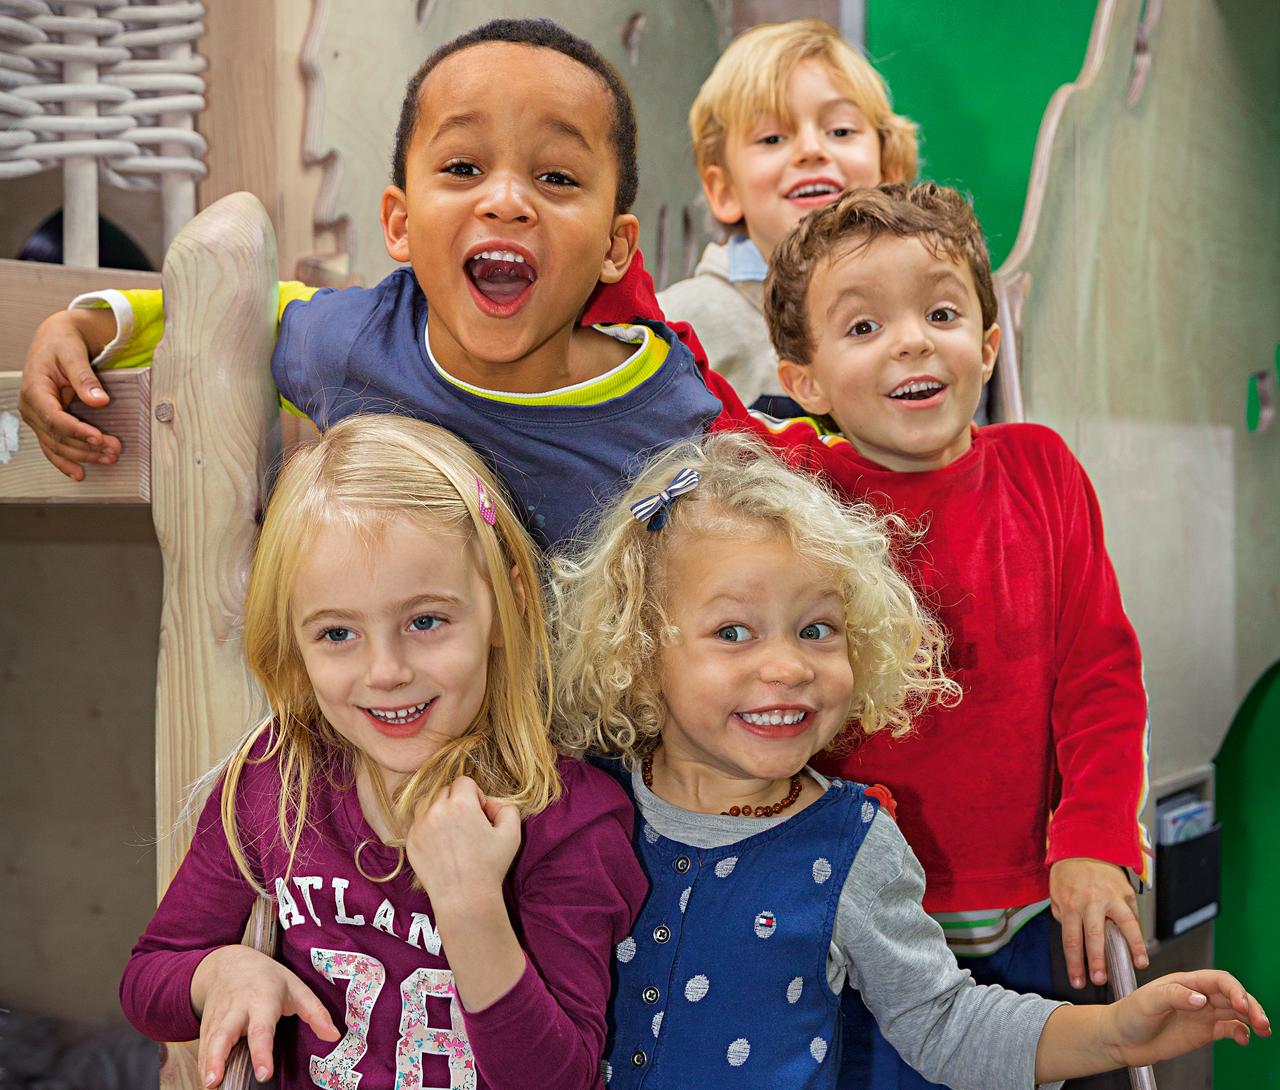 Das Bild zeigt fünf lachende Kita-Kinder